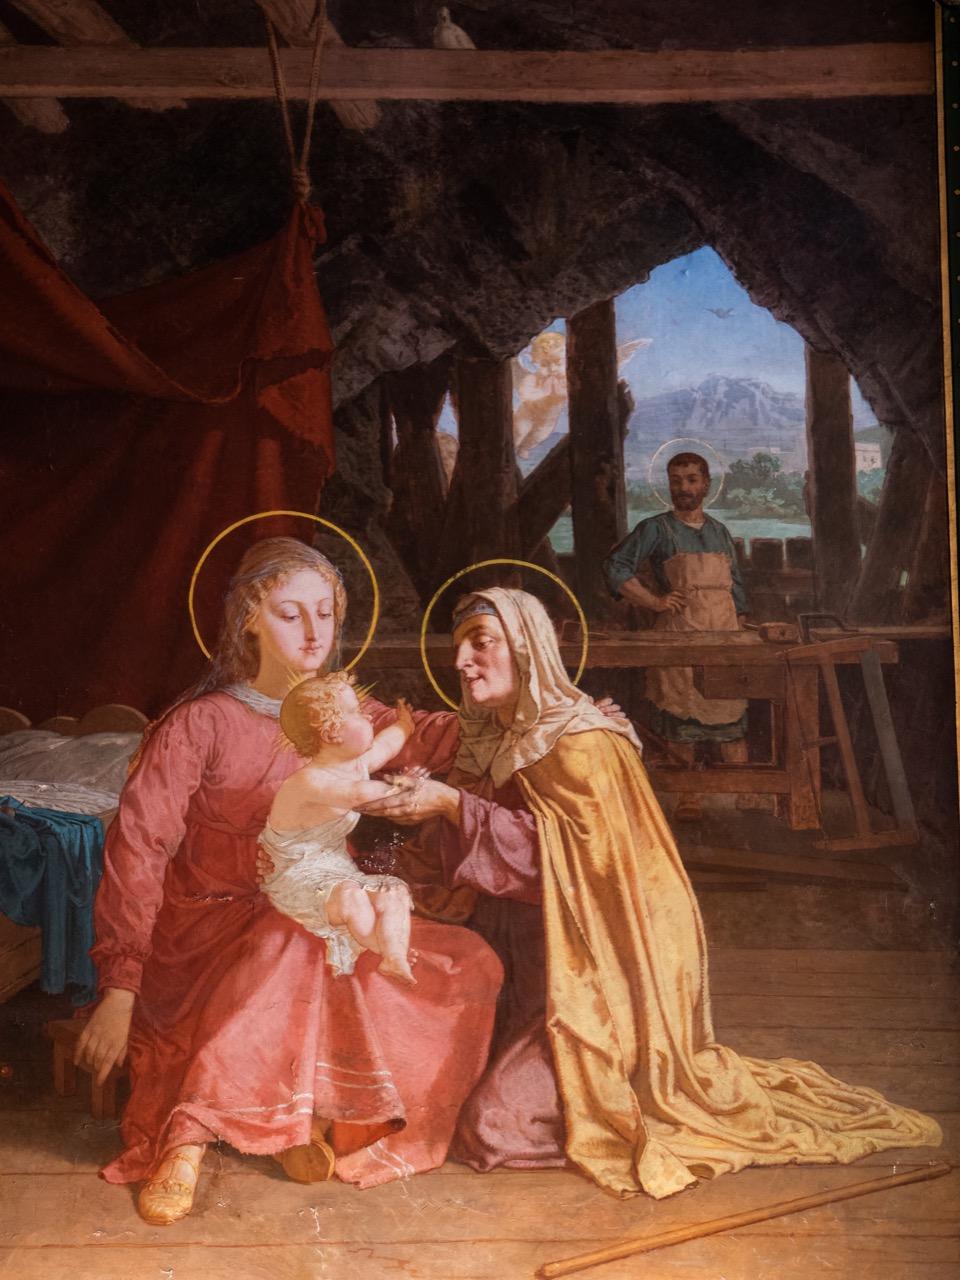 Annenkapelle, Fresko mit Abbildung des Besuchs der hl. Anna in der Werkstatt der hl. Familie in Nazareth (Yan' Dargent, zwischen 1870 und 1883)